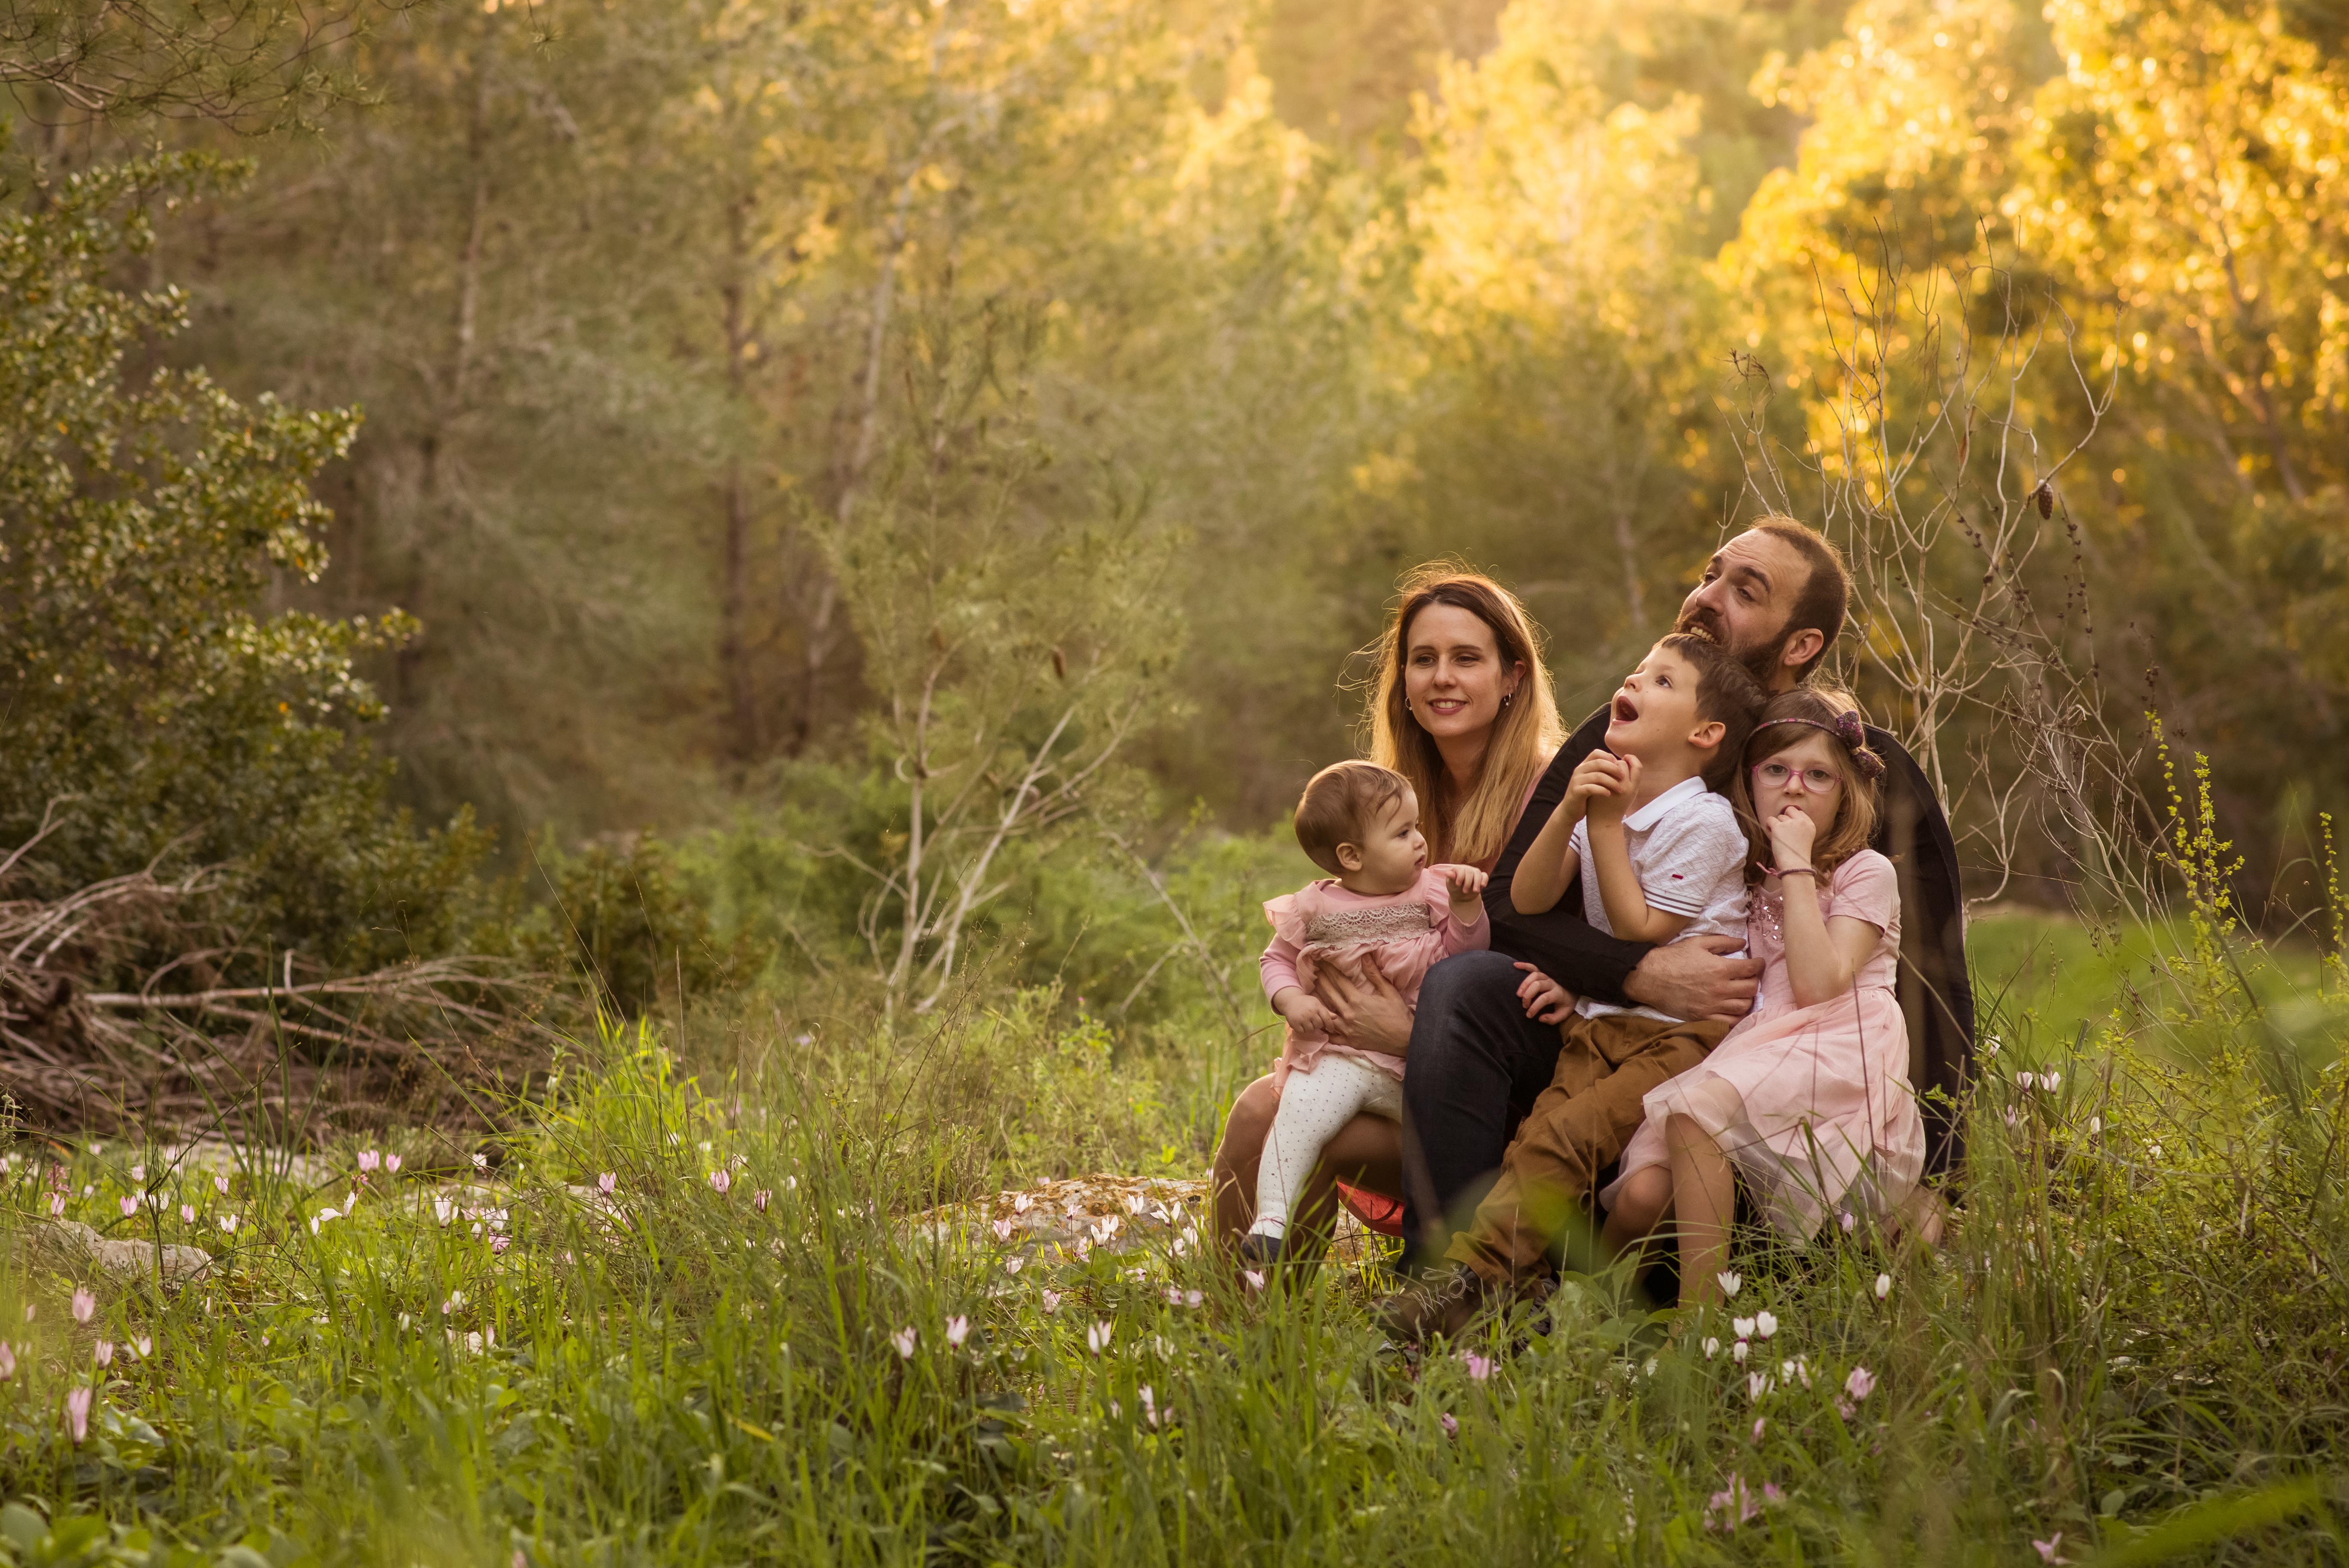 הצילומי הריון ומשפחה בטבע